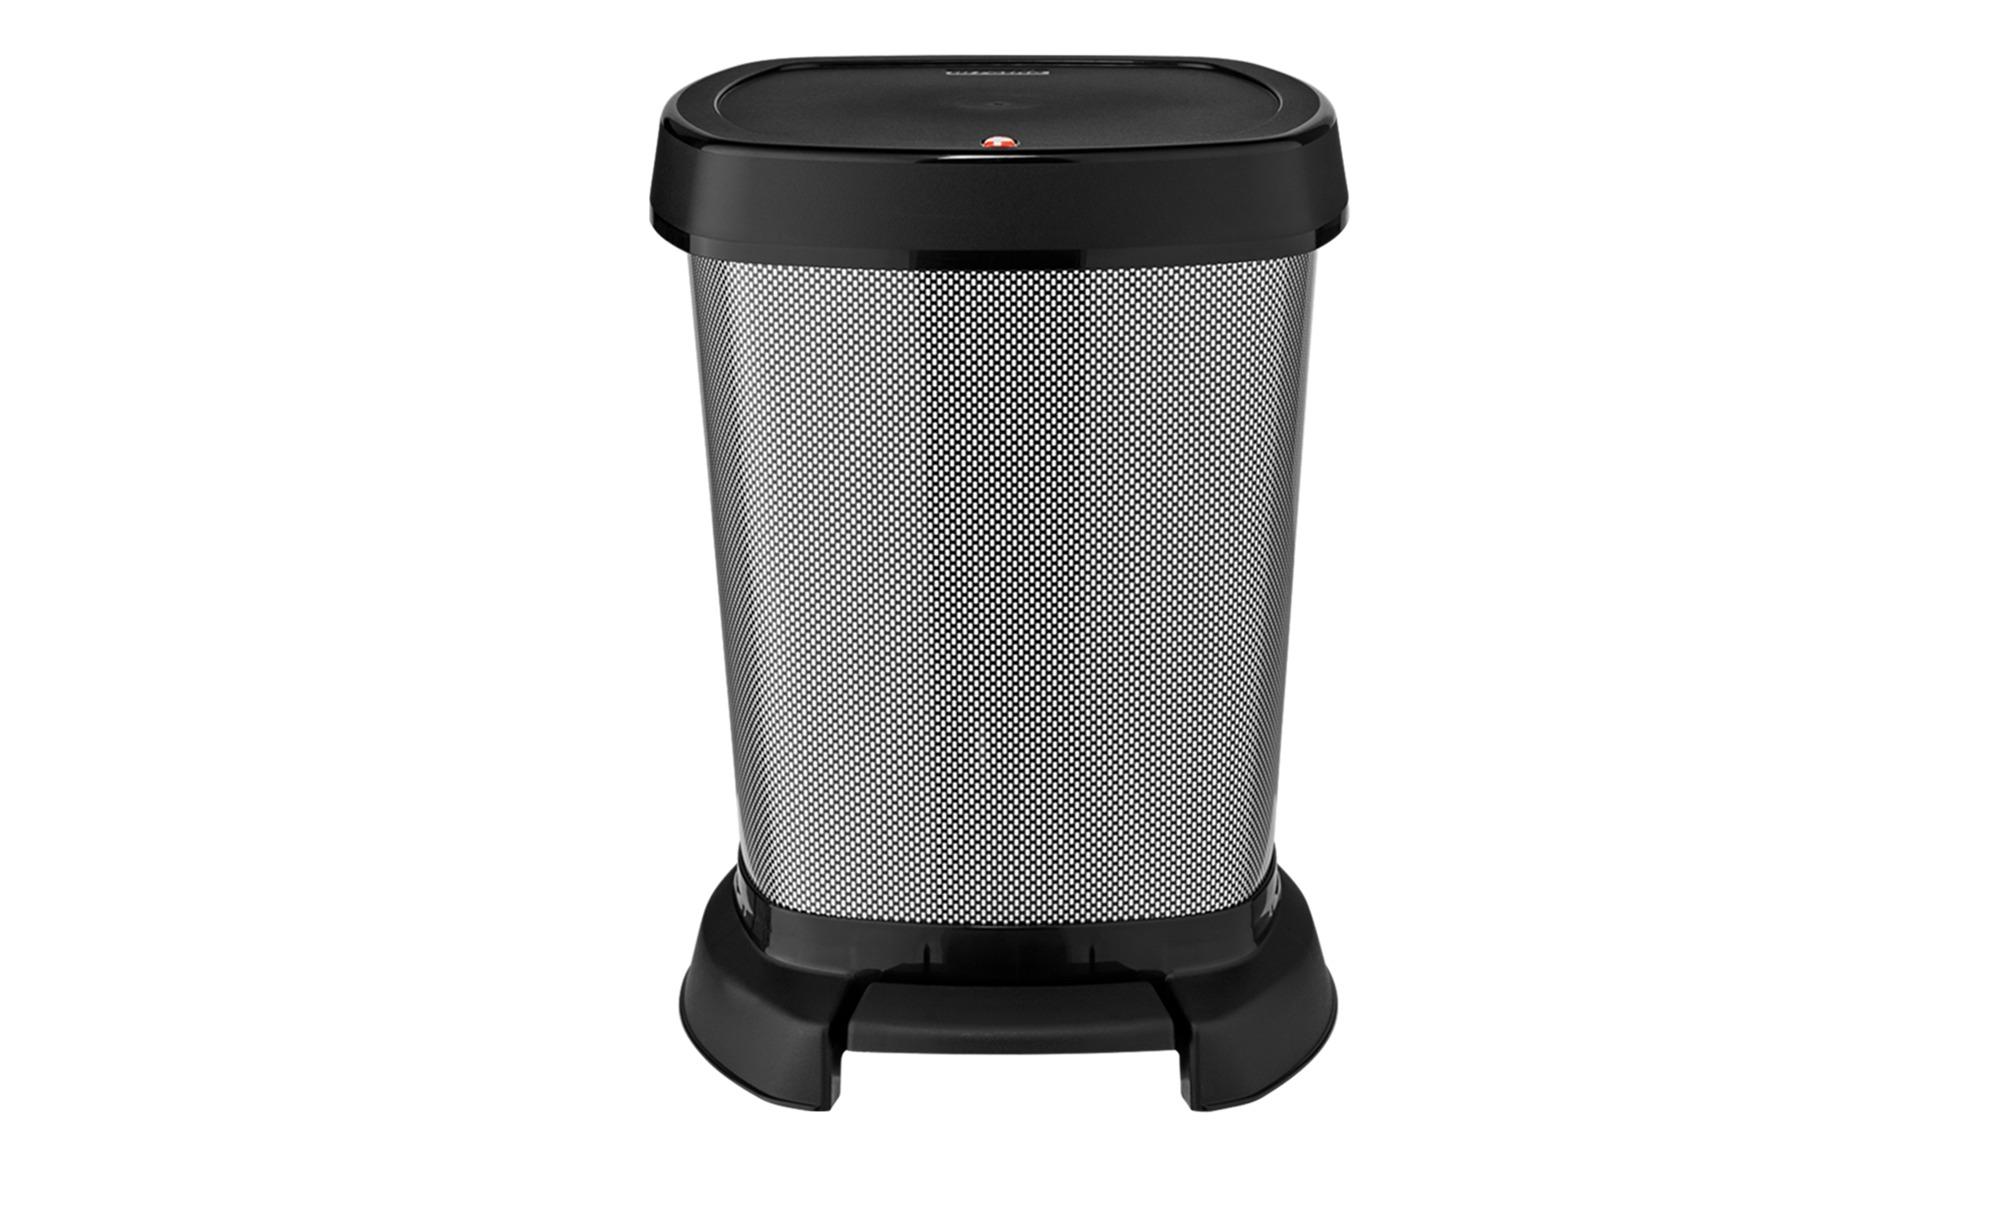 #Rotho Universaleimer 6 l Carbon  Paso ¦ schwarz ¦ Kunststoff ¦ Maße (cm): B: 23,4 H: 29,5 T: 21,9 Küchenzubehör & Helfer > Abfallbehälter – Höffner#